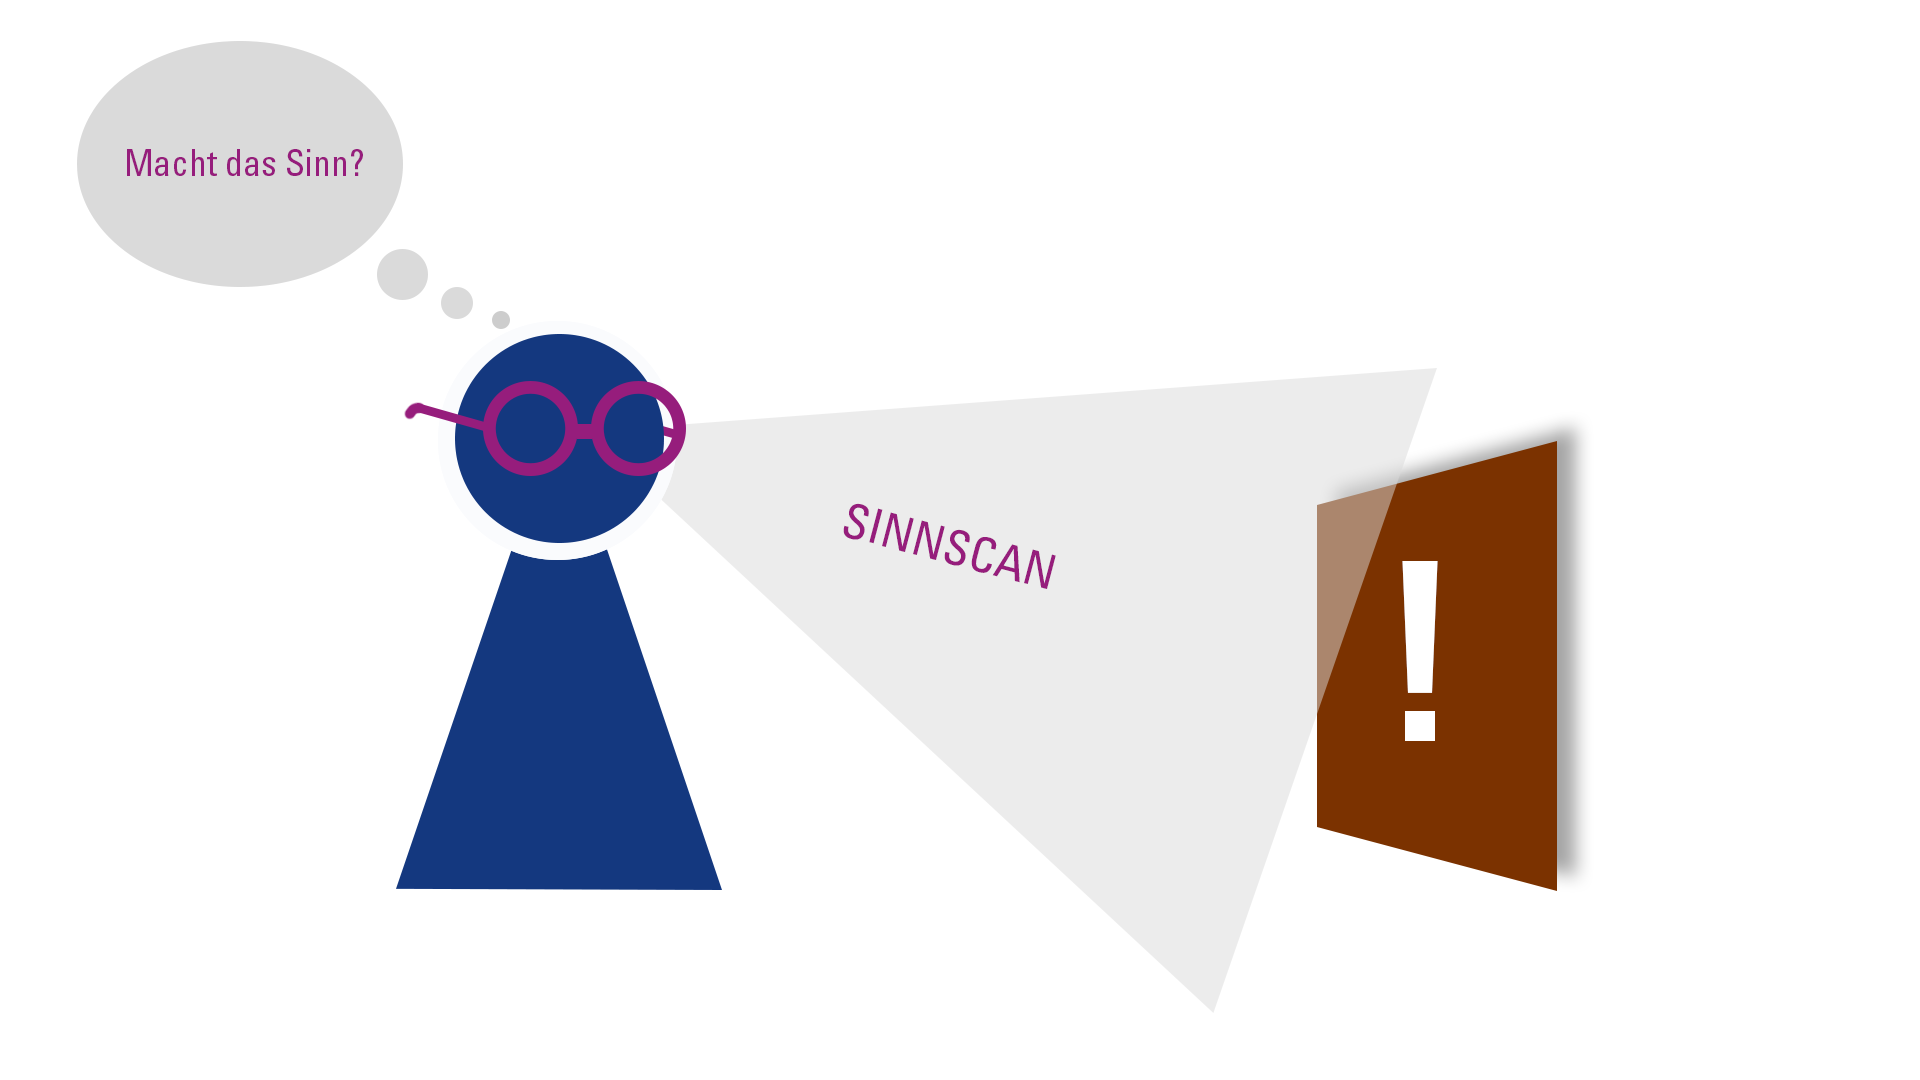 Sinnscan - Laterale Führung